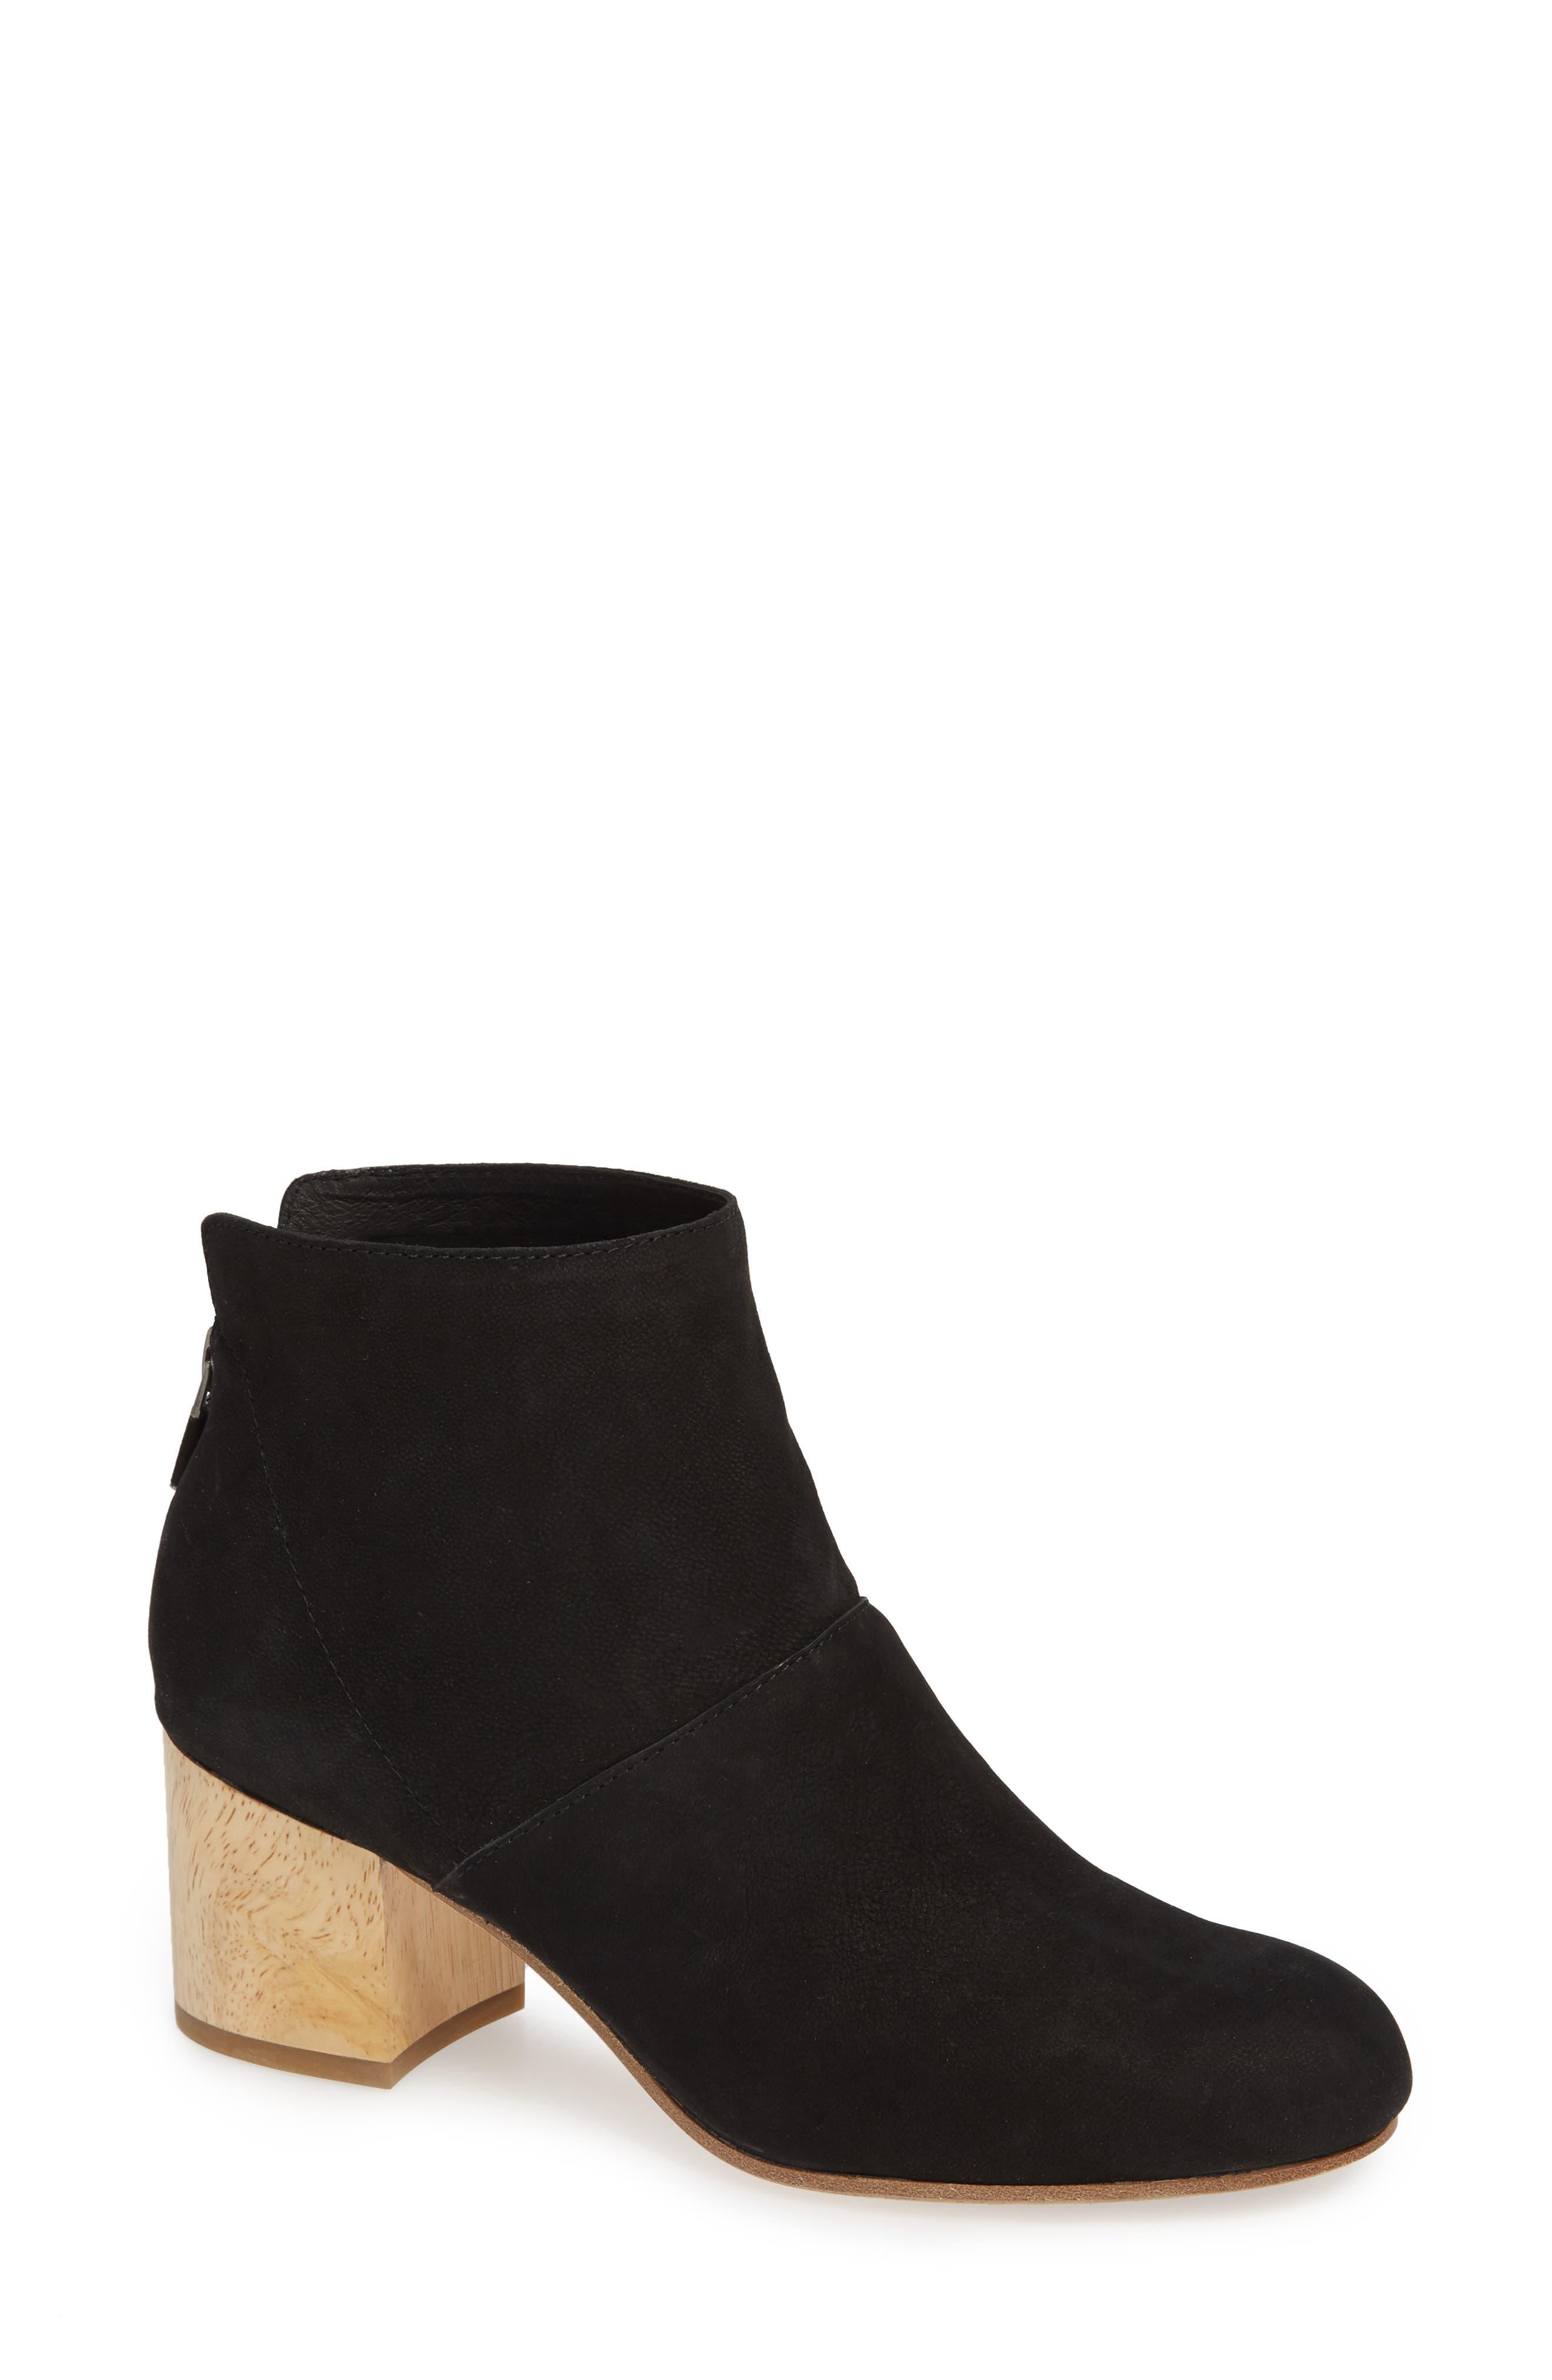 Suri Block Heel Bootie, Main, color, BLACK NUBUCK